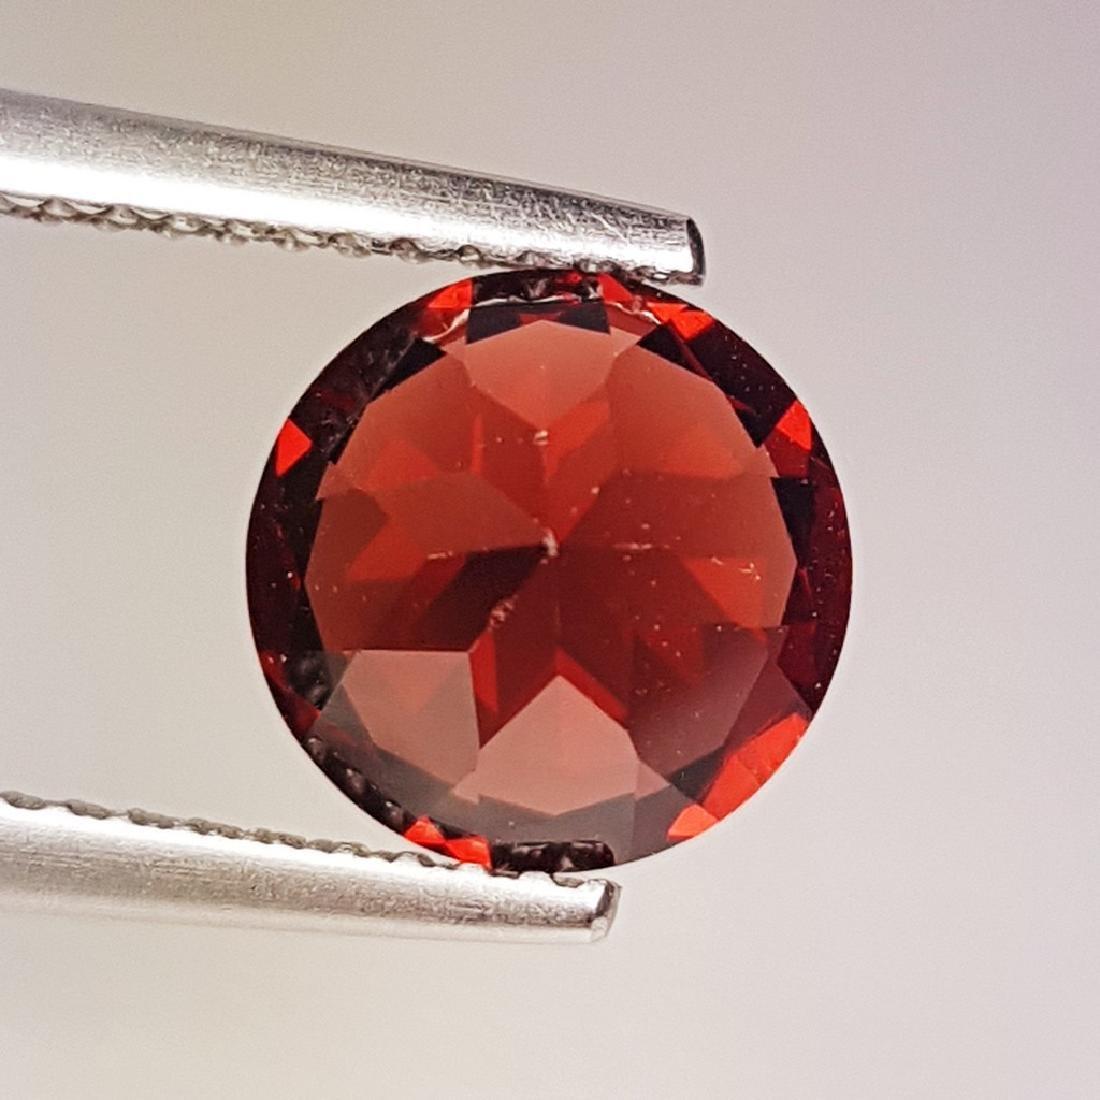 2.42 ct Fantastic Natural Pyrope - Almandite Red Garnet - 2